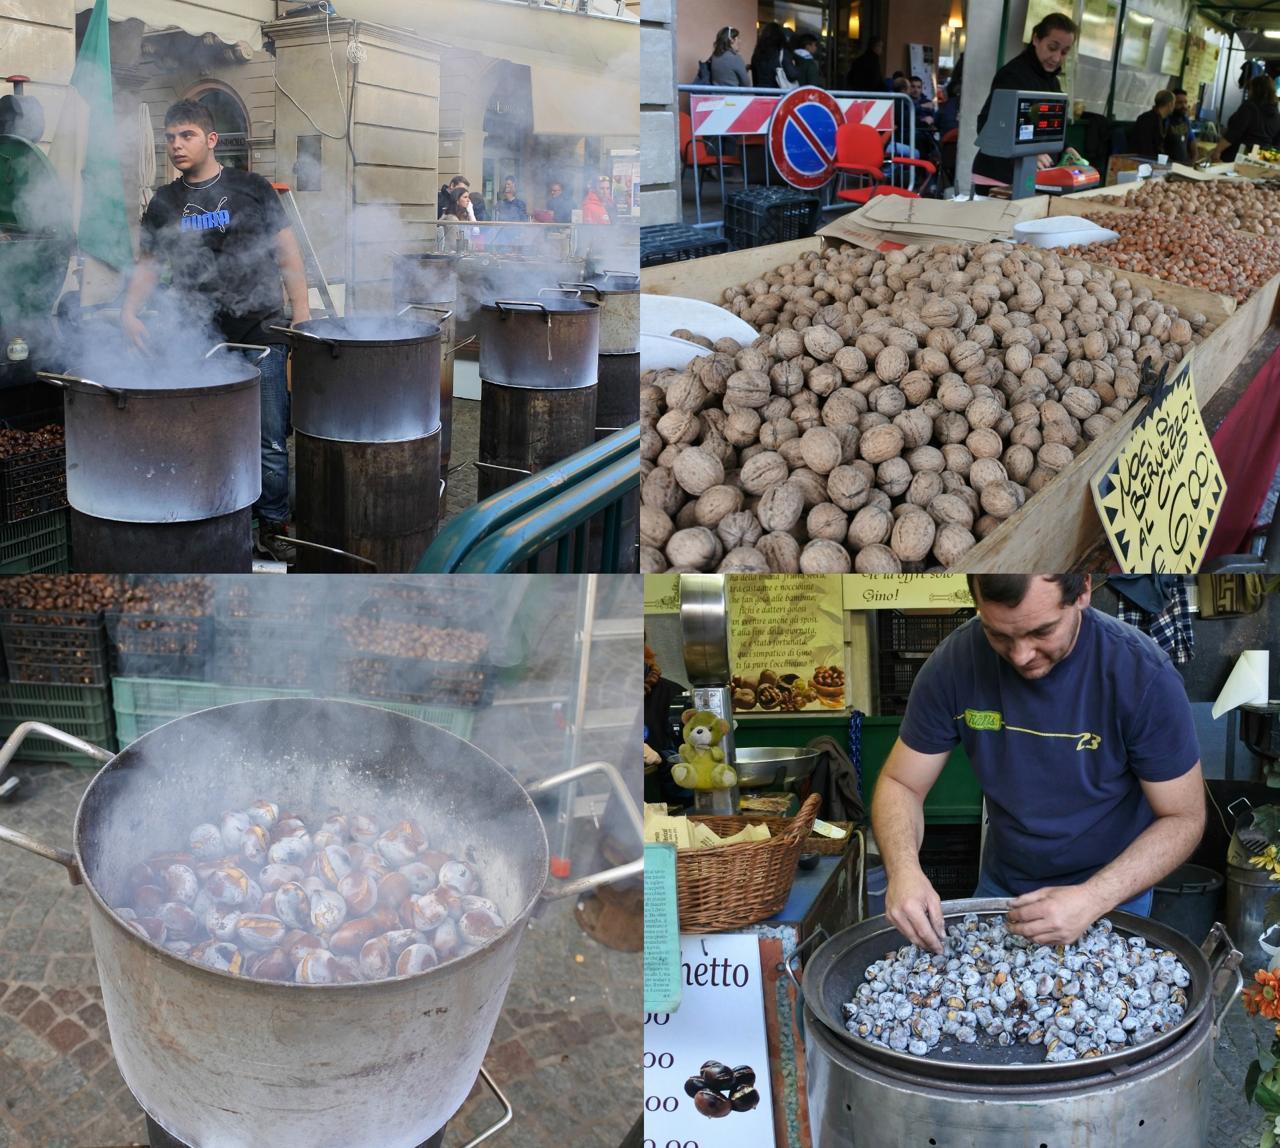 ヨーロッパでは炒り栗のストールはよくありますが、アルバにも炒り方の伝統があるみたい